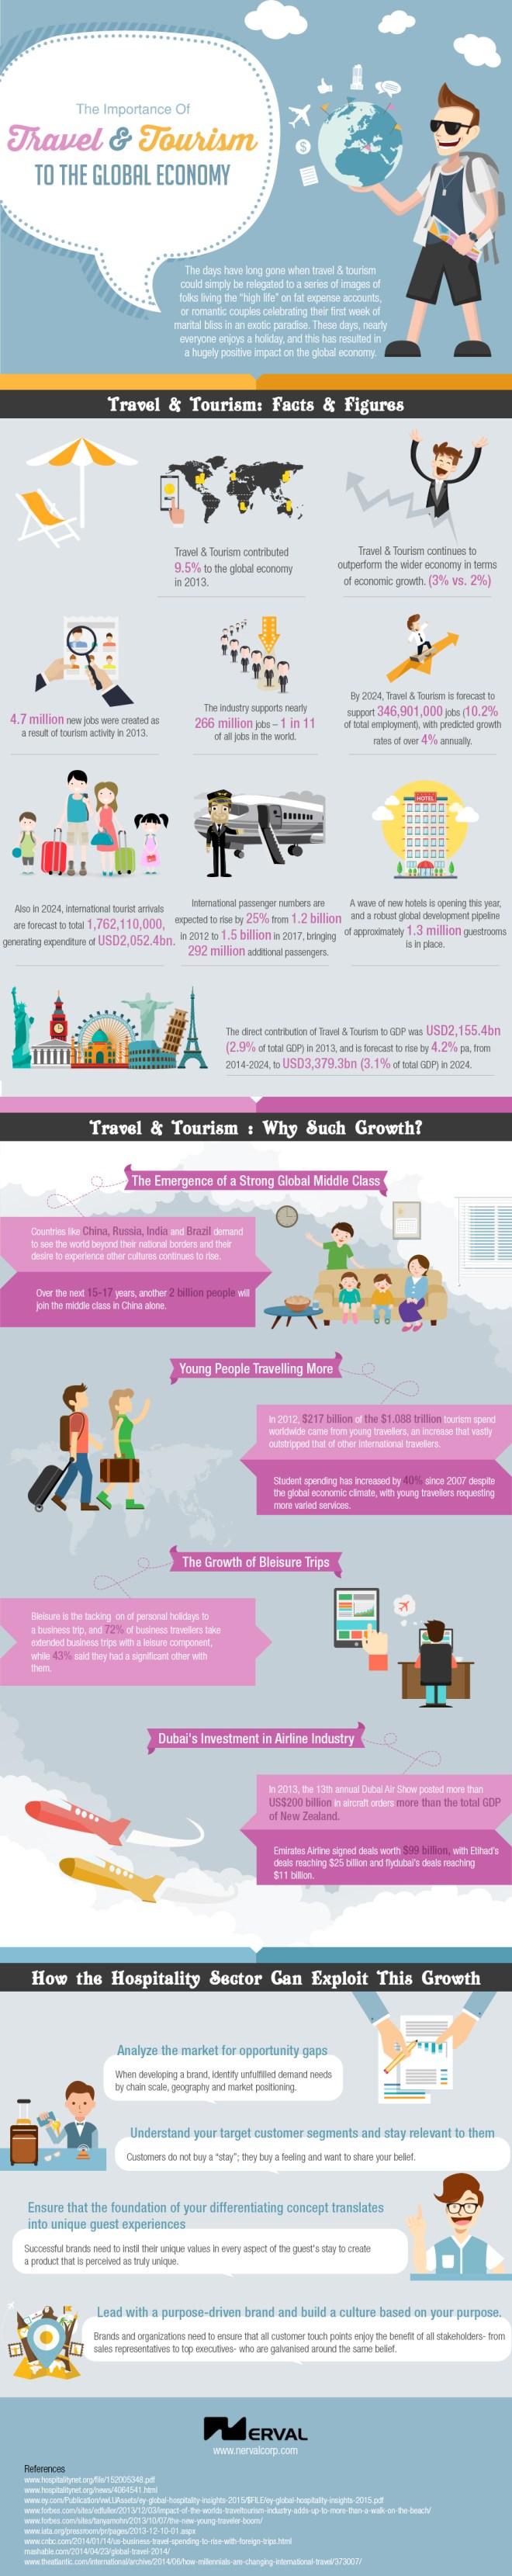 La importancia del Turismo y Viajes en la Economía